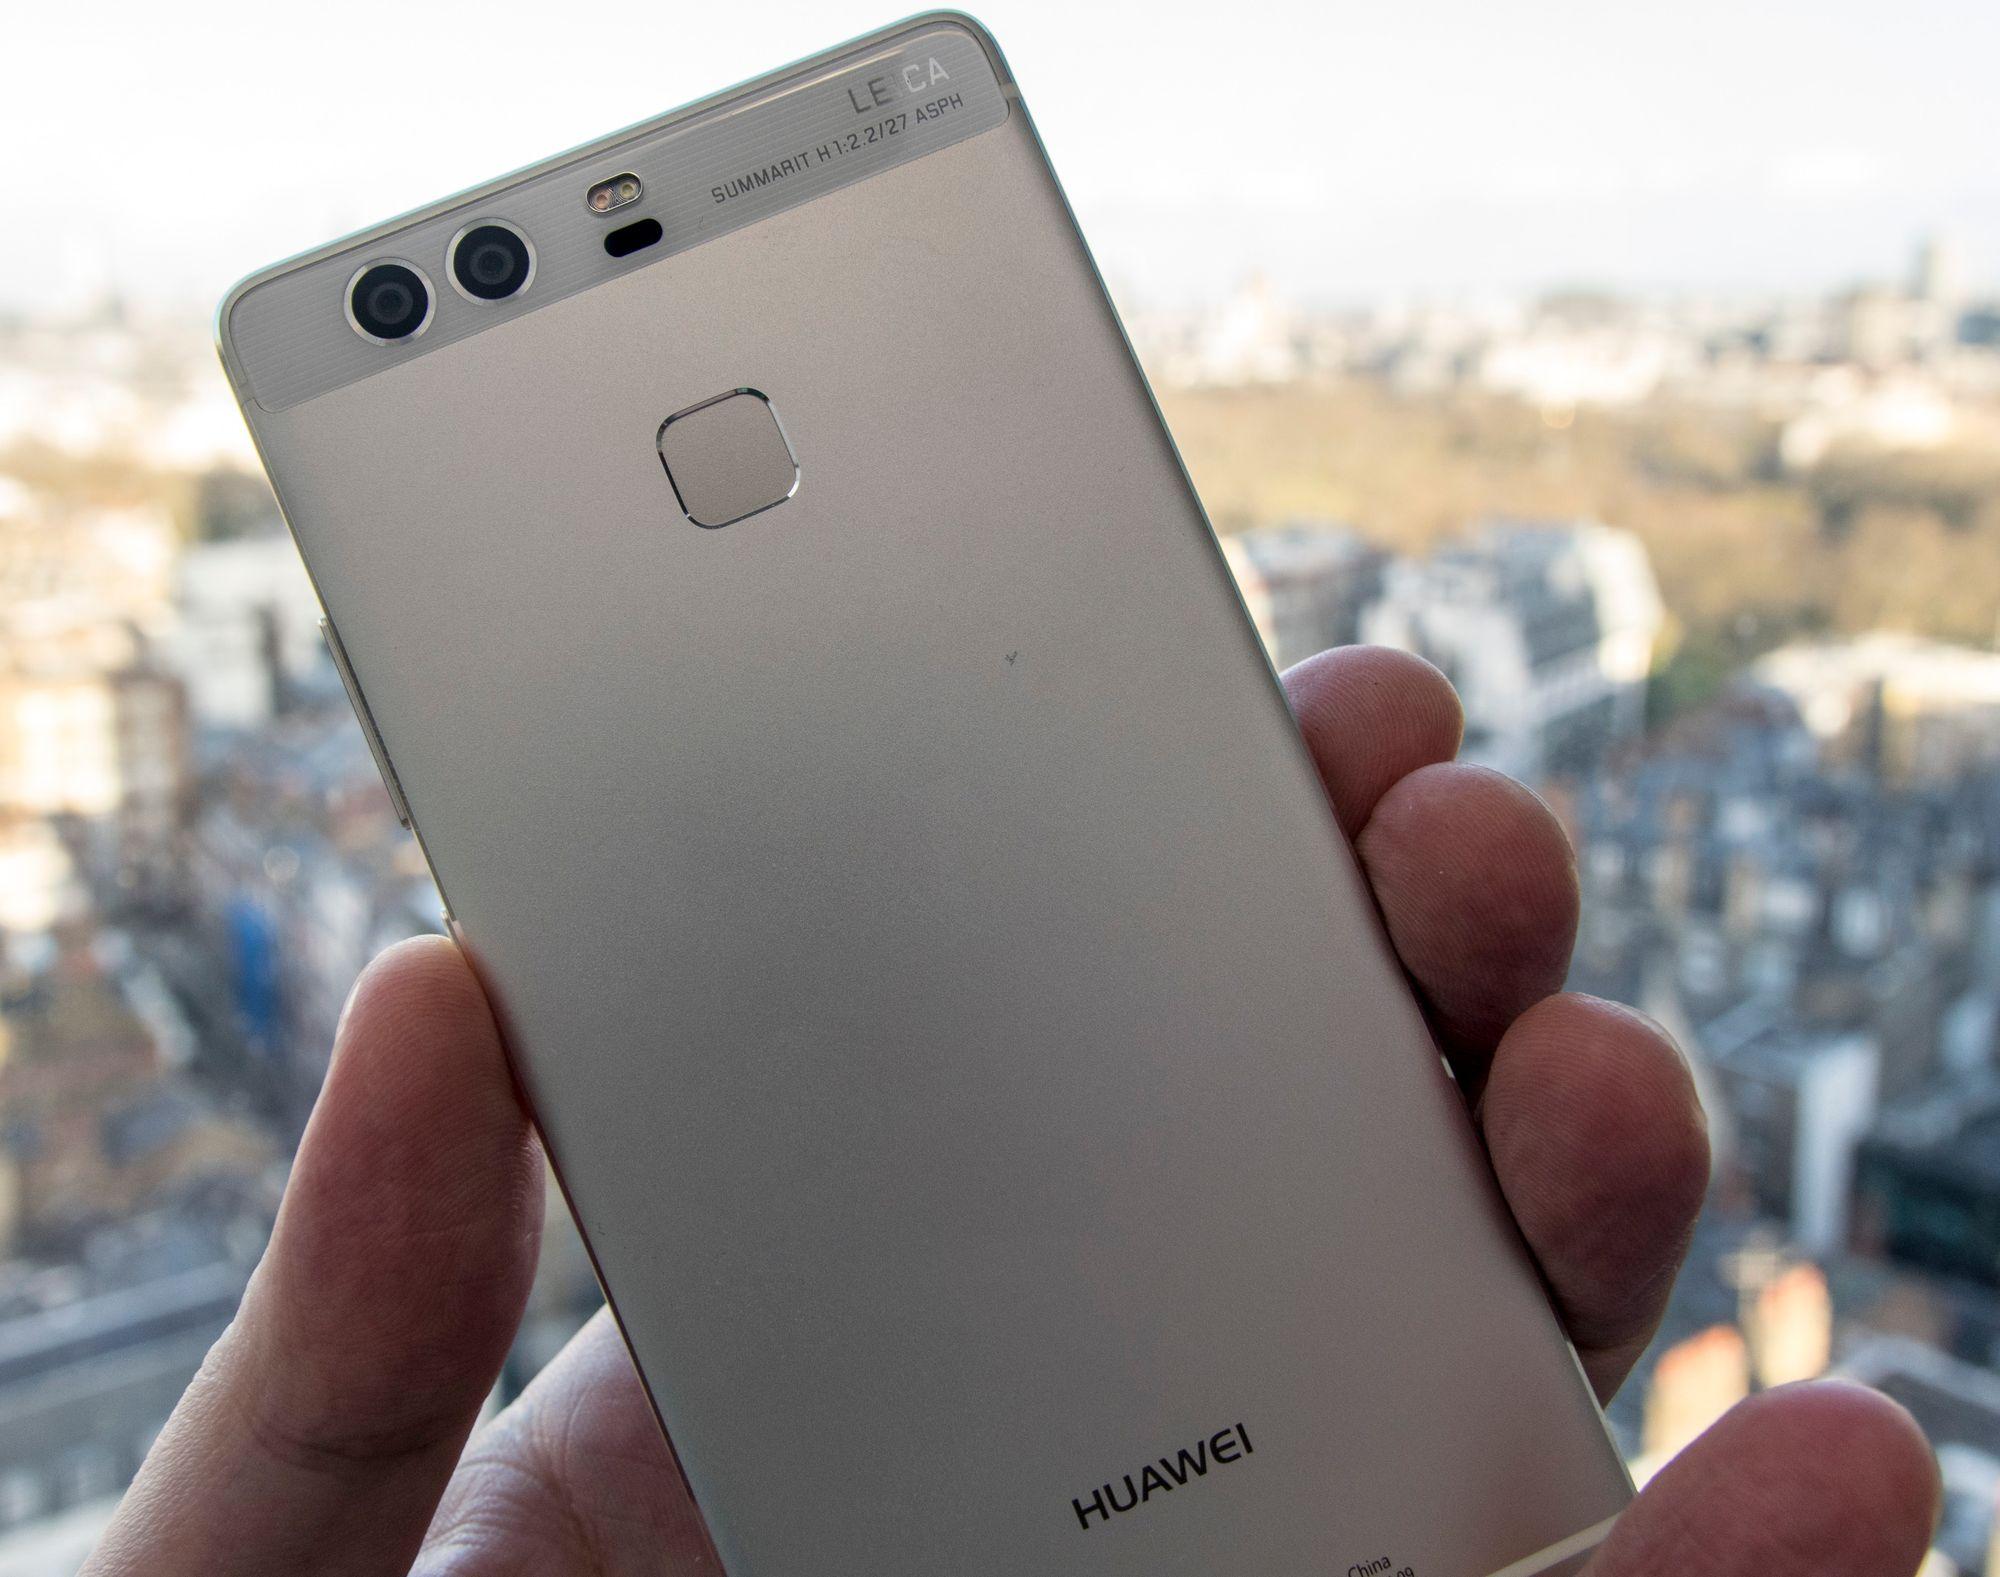 ... : Huawei P9 Ny kamerateknologi og flere smarte l?sninger - Tek.no